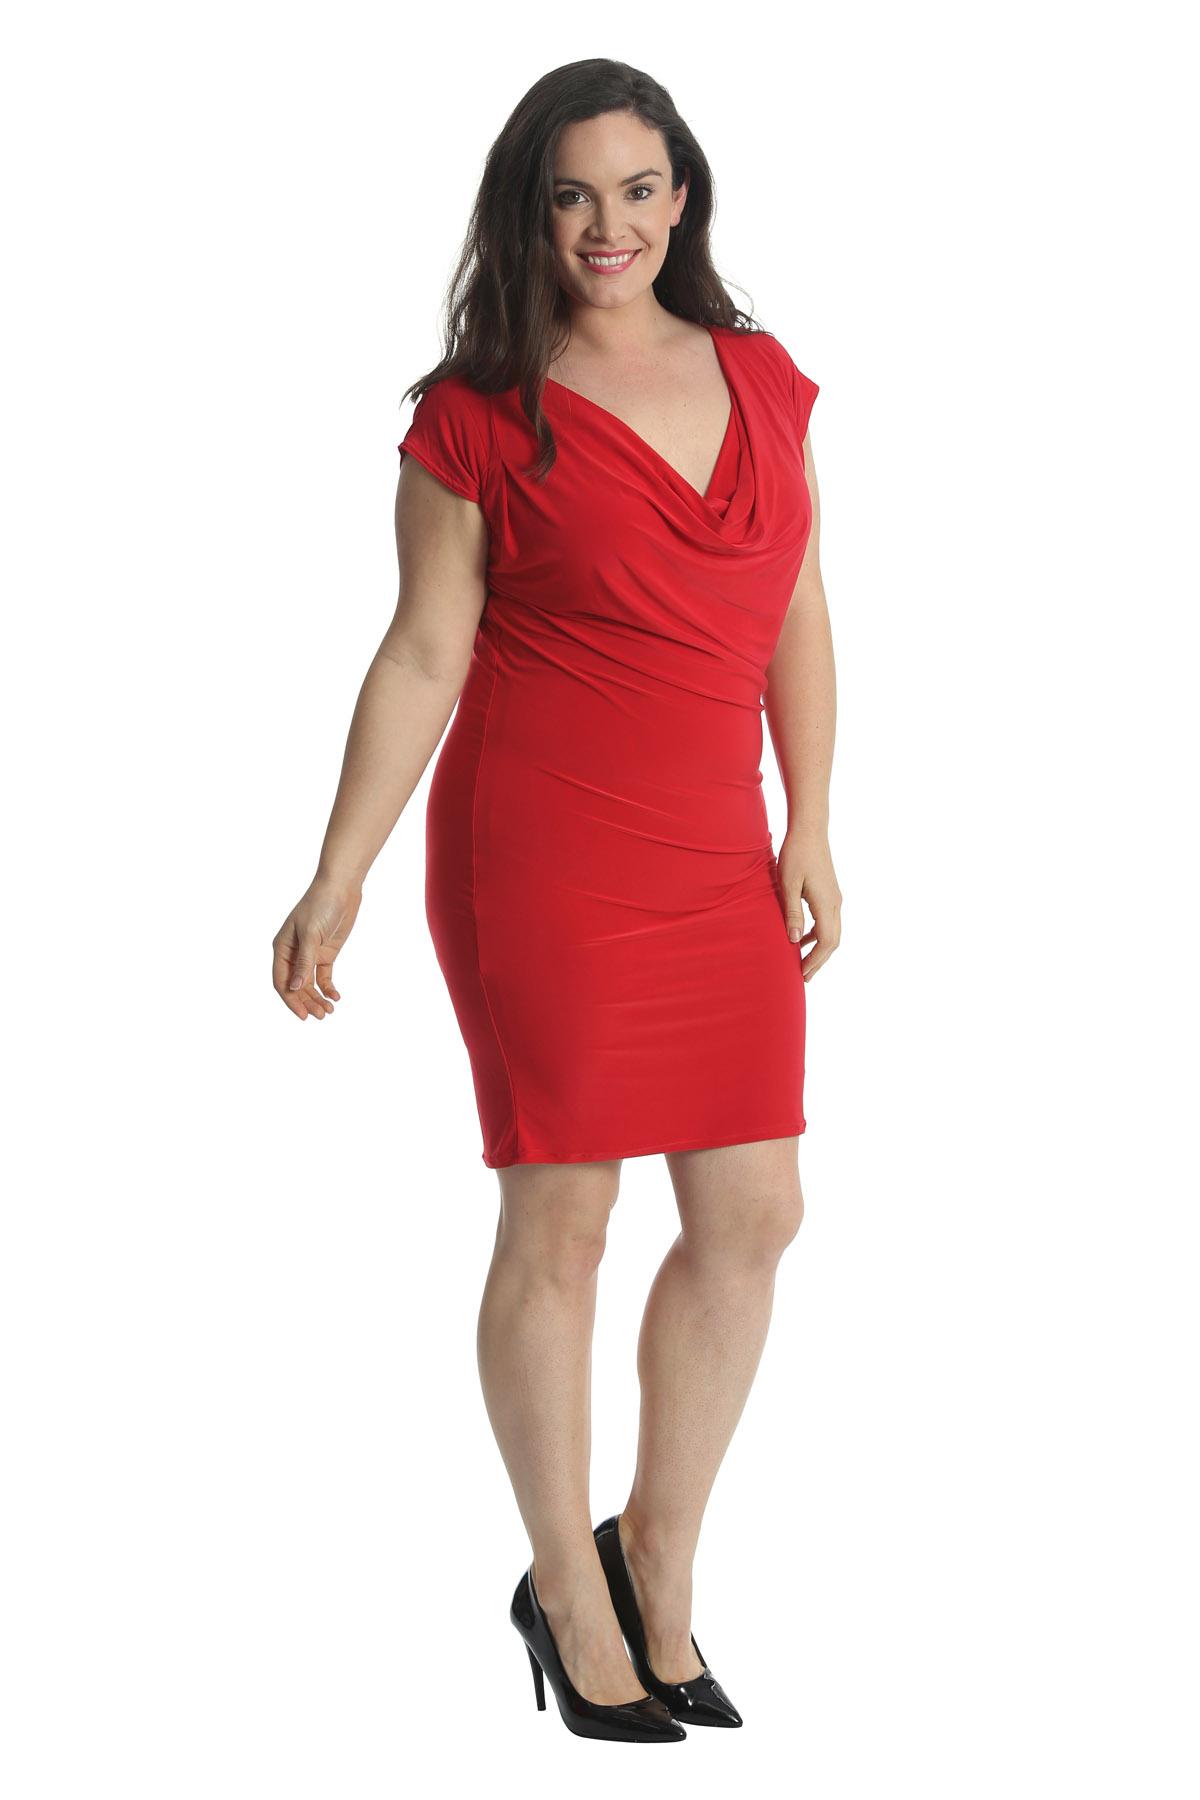 New Womens Plus Size Dress Bodycon Ladies Midi Cowl Neck ... - photo #31